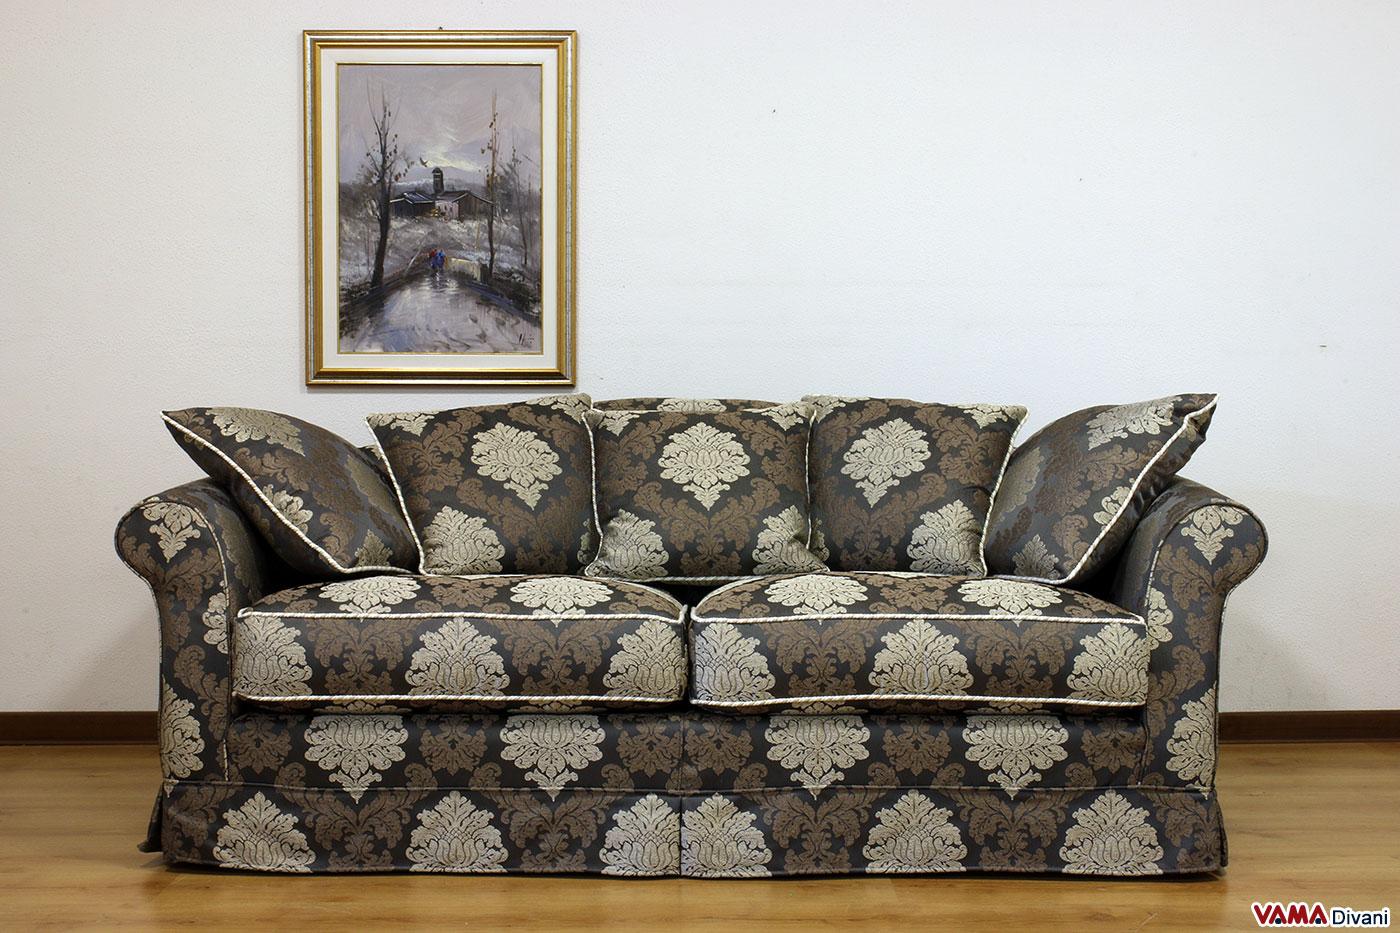 Vama divani blog suggestivo ordine dalla russia divano for Archweb divani